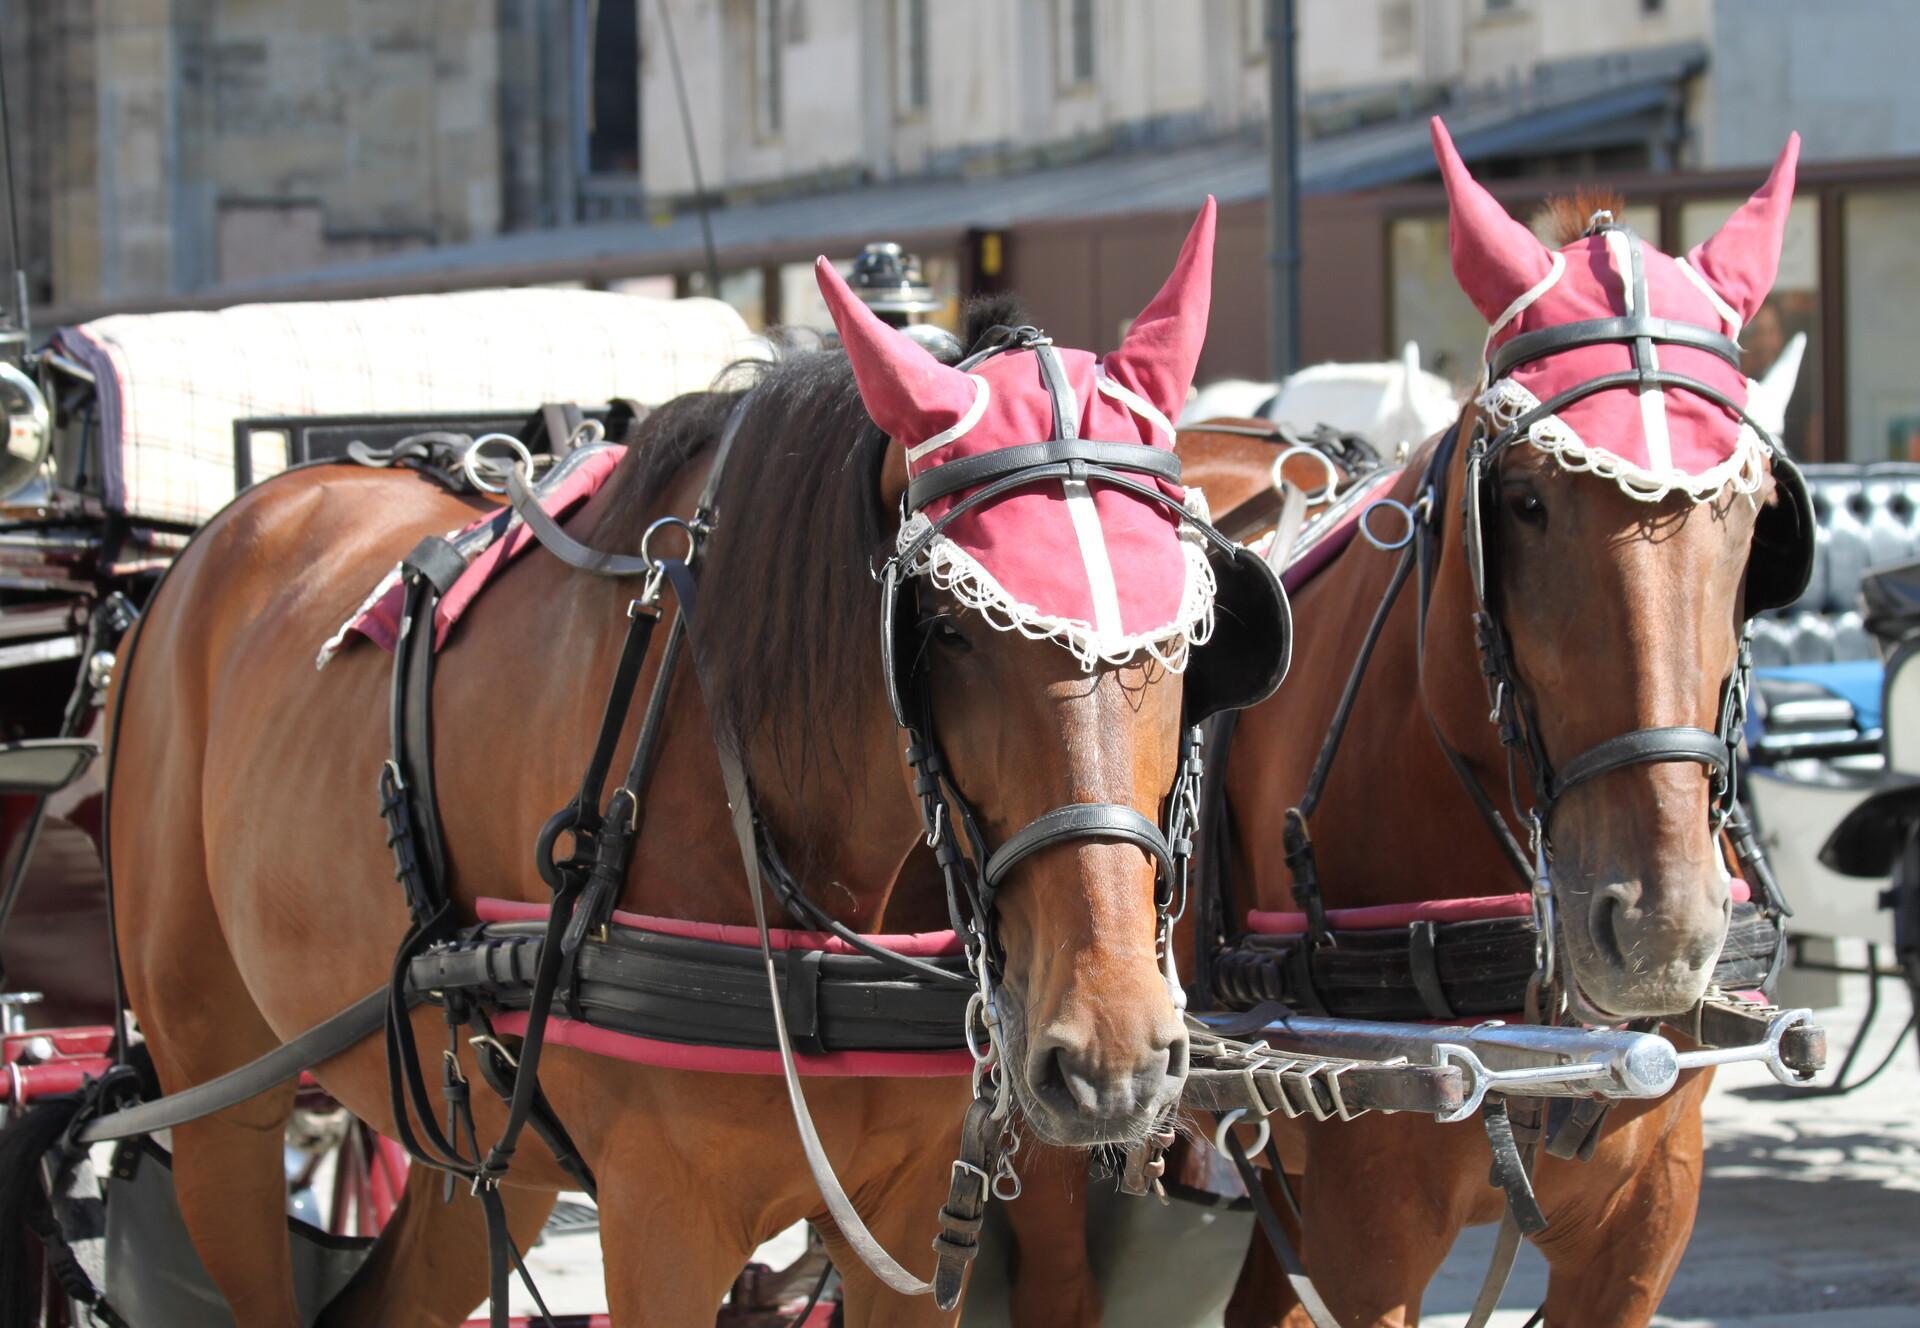 Fiaker Pferde stehen in Wien bei eisiger Kälte und Schnee